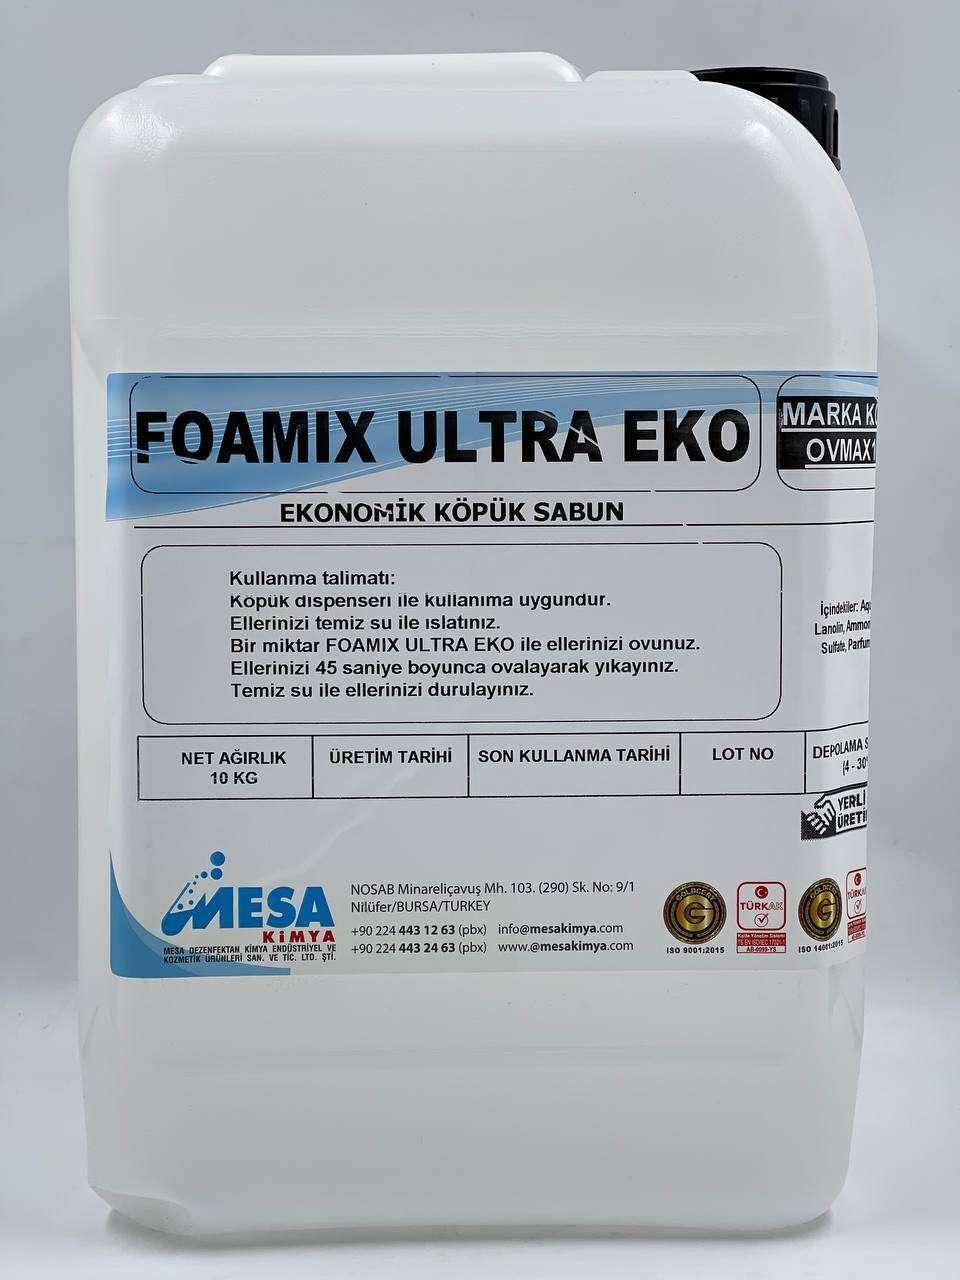 Foamıx ultra eko ekonomik köpük sabun